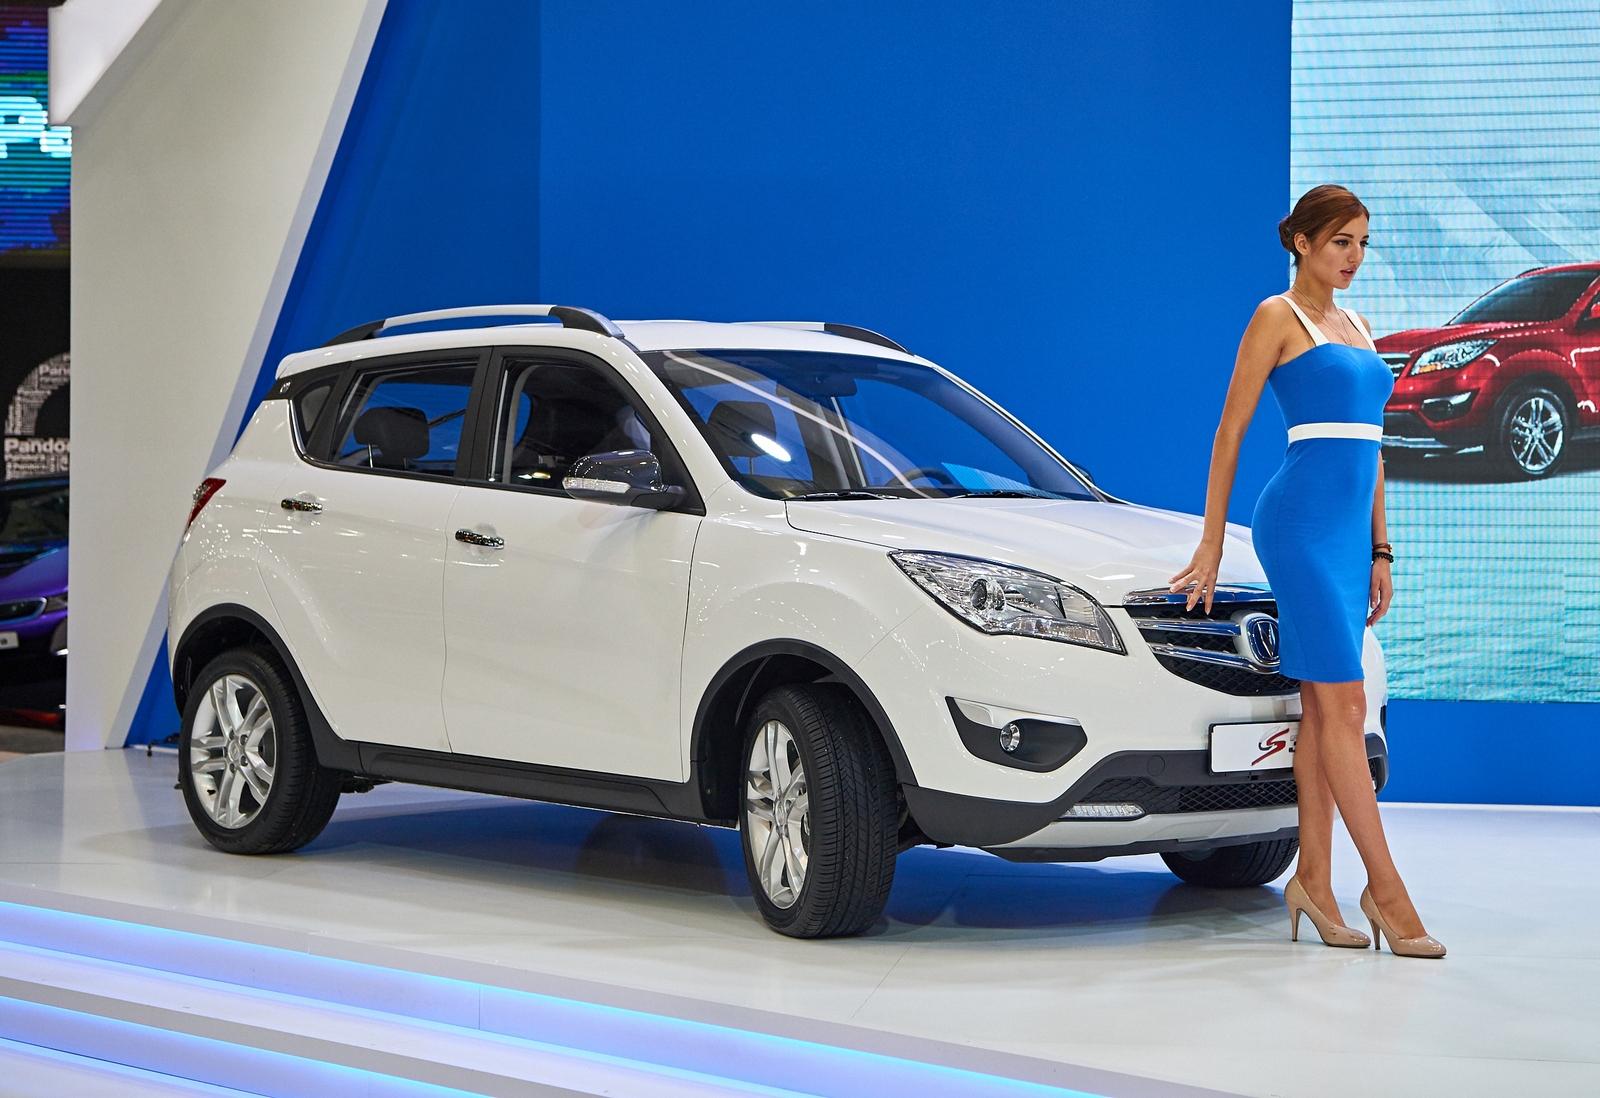 Модели китайских автомобилей в россии фото